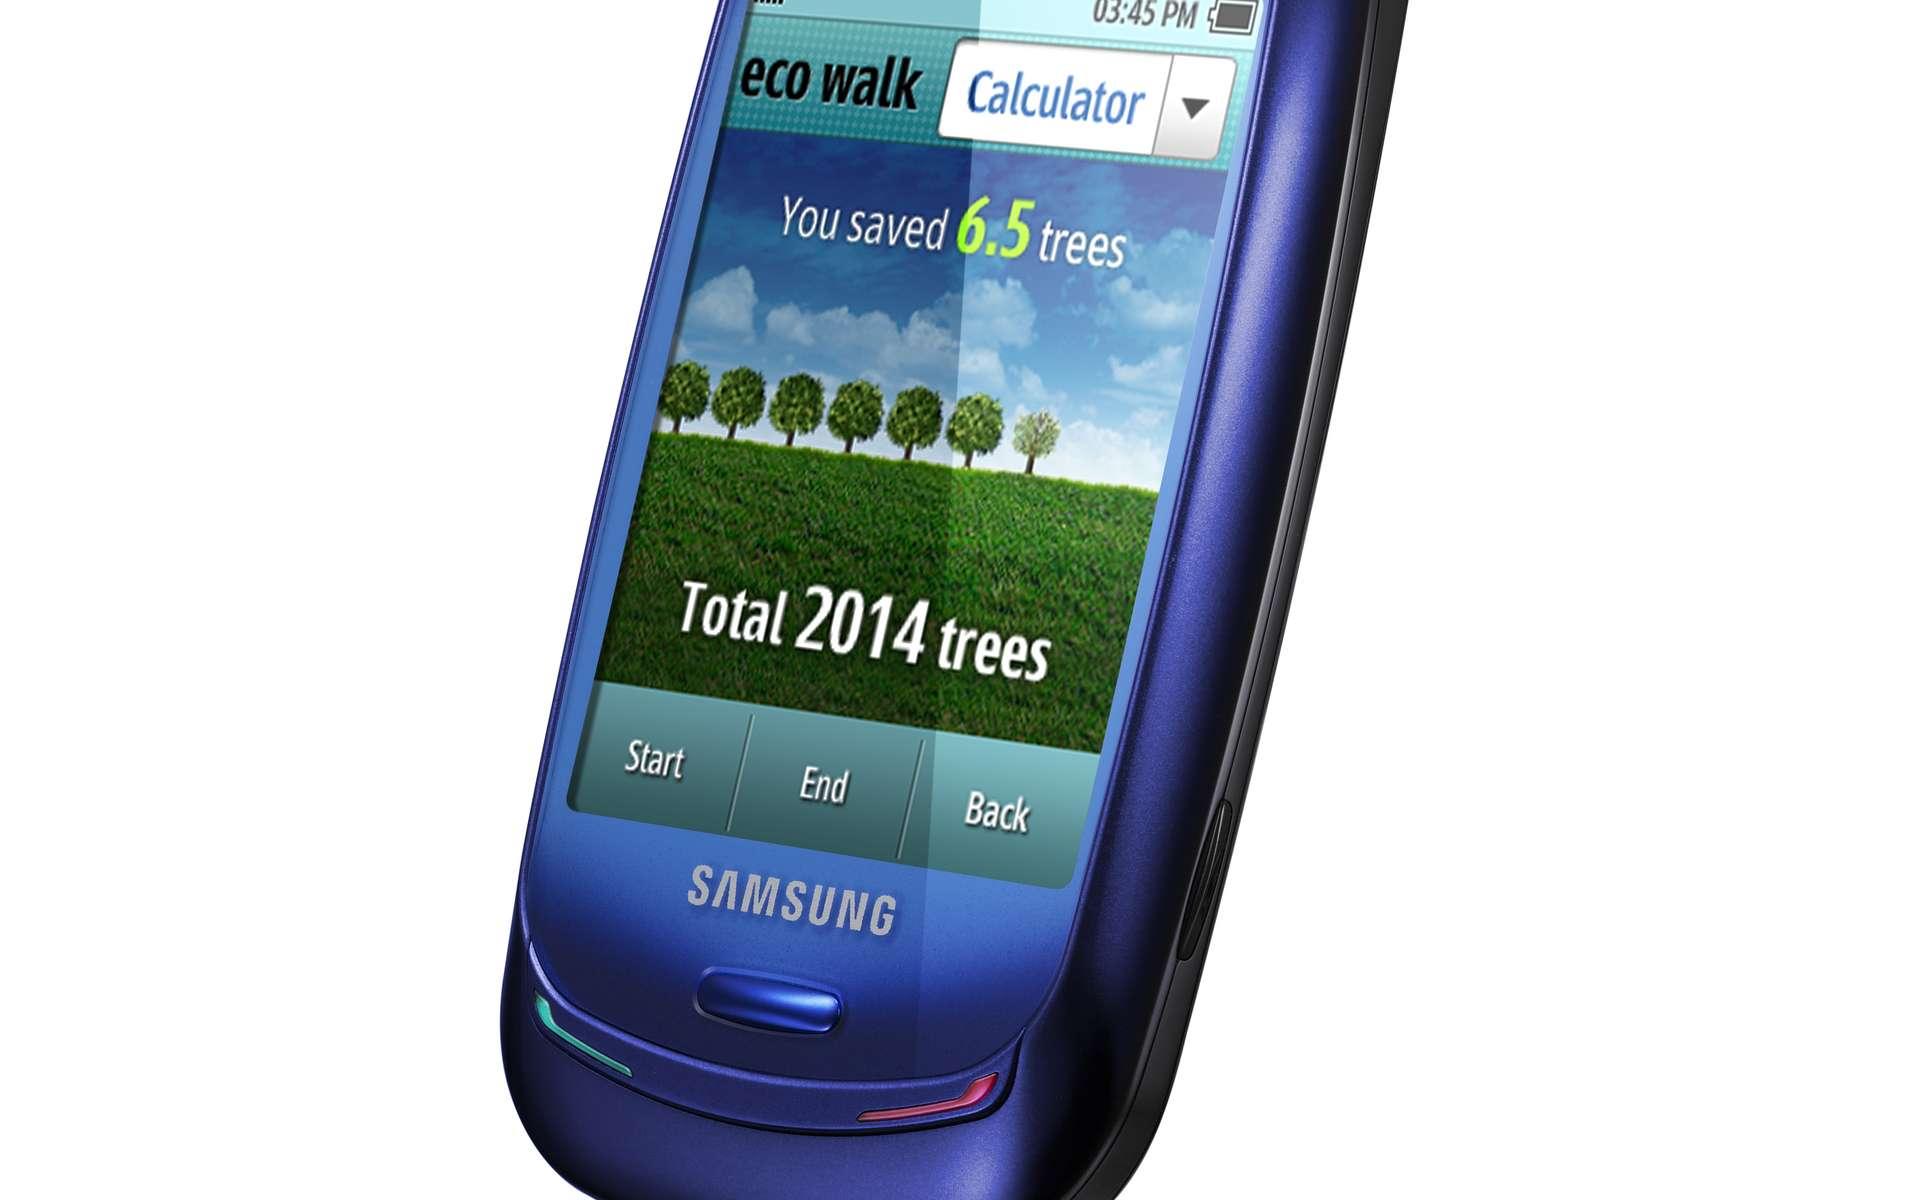 Le mobile solaire version hi-tech pour pays riches, signé Samsung. Le Blue-Earth, avec son capteur solaire au dos, est écolo. Le matériau constituant sa coque provient de plastiques recyclés et une fonction de podomètre calcule l'économie d'émission de carbone réalisée lorsqu'on marche à pied par comparaison avec le même trajet en voiture... © Samsung